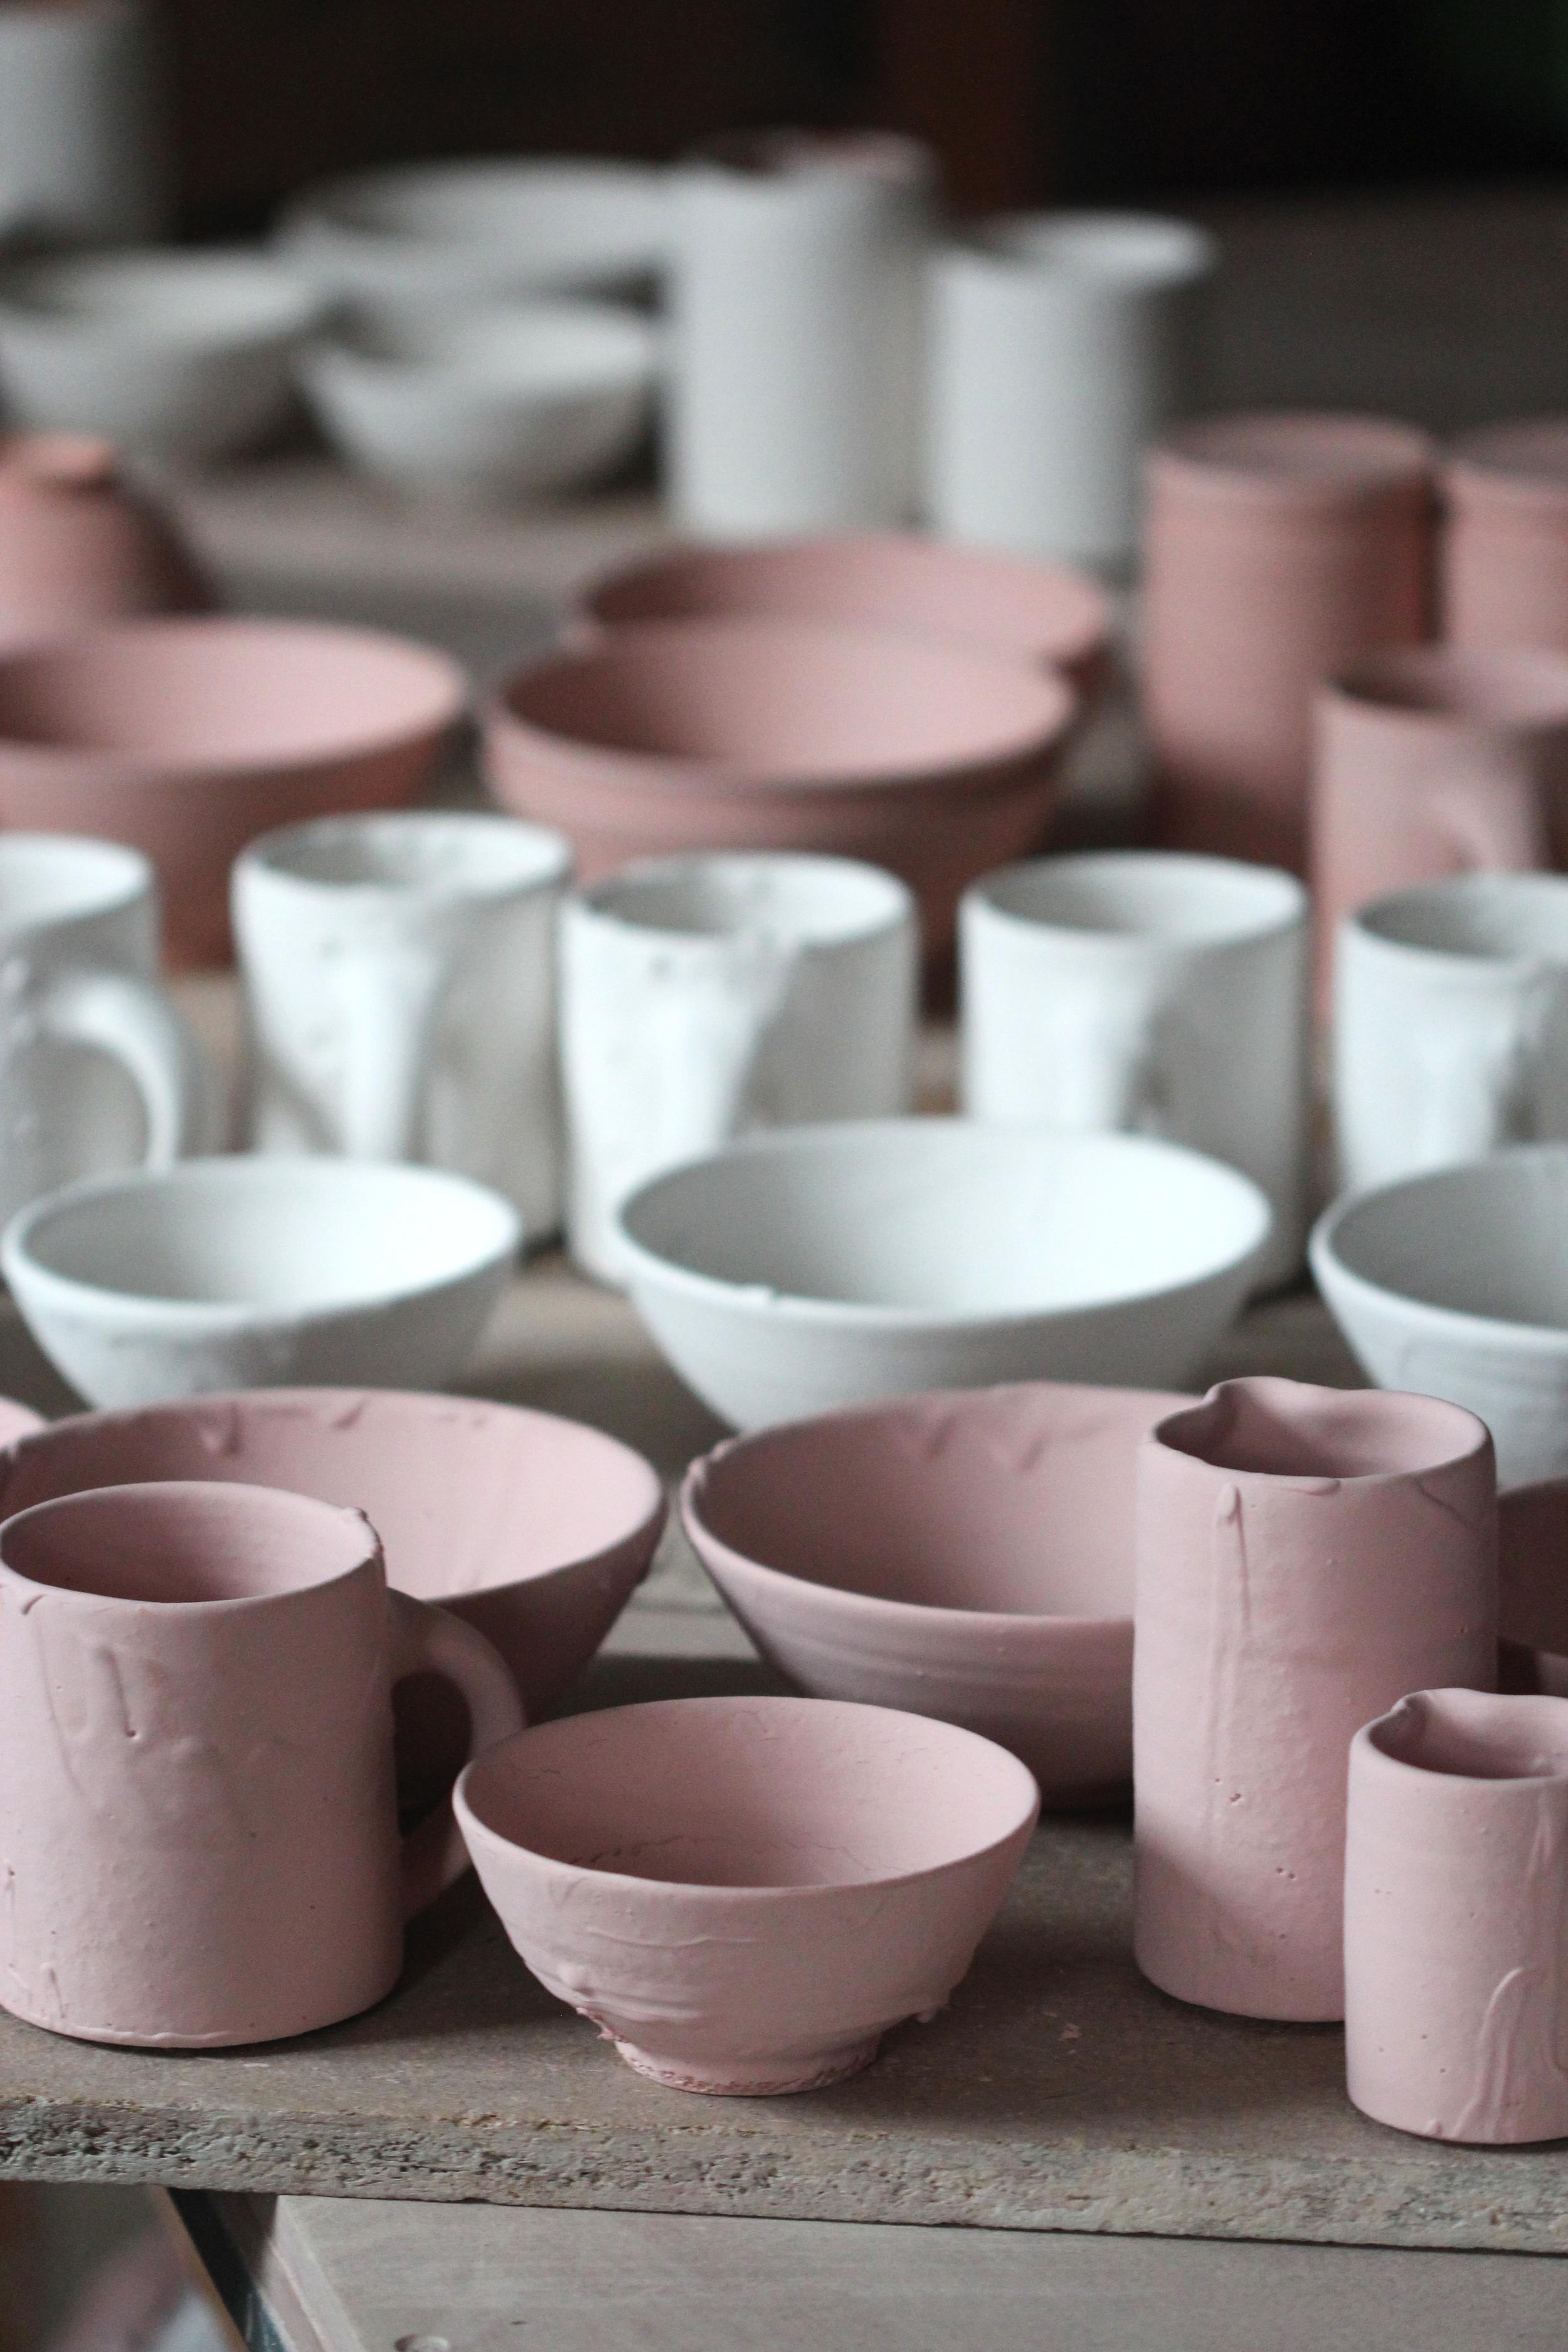 Freshly glazed pots.